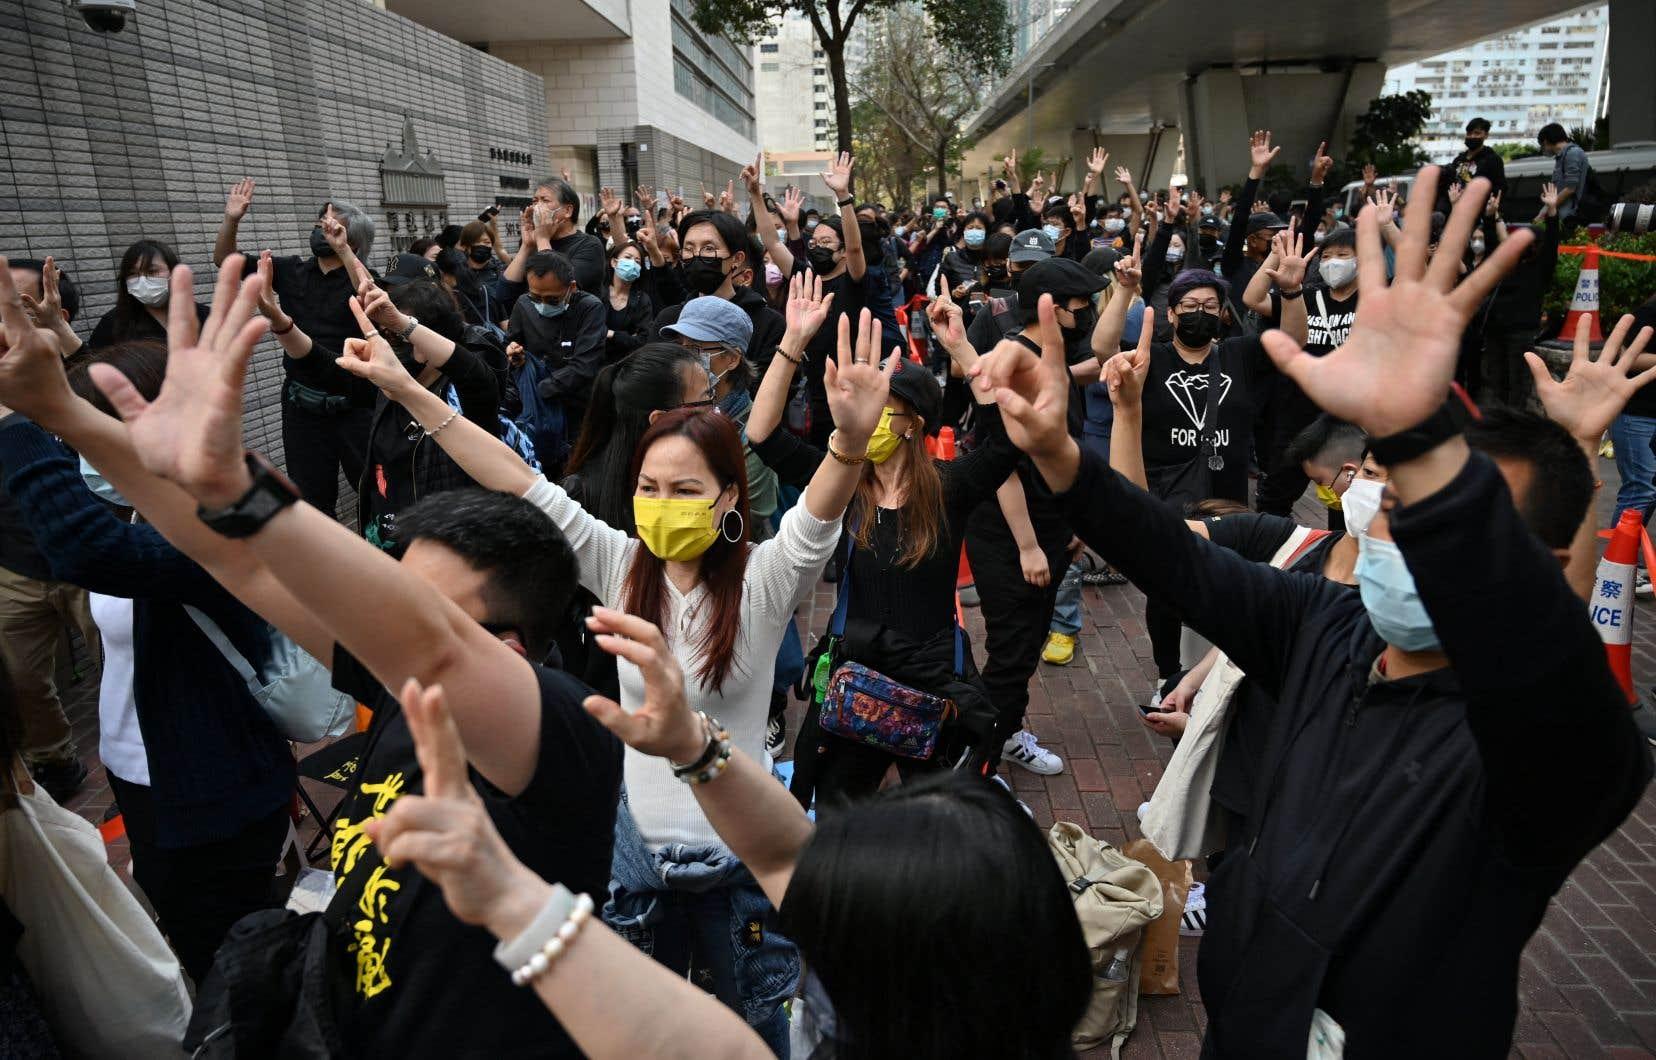 «Libérez les prisonniers politiques», «Libérez Hong Kong, la révolution de notre temps», scandaient des protestataires, un slogan qui est désormais illégal en vertu de la loi sur la sécurité nationale.